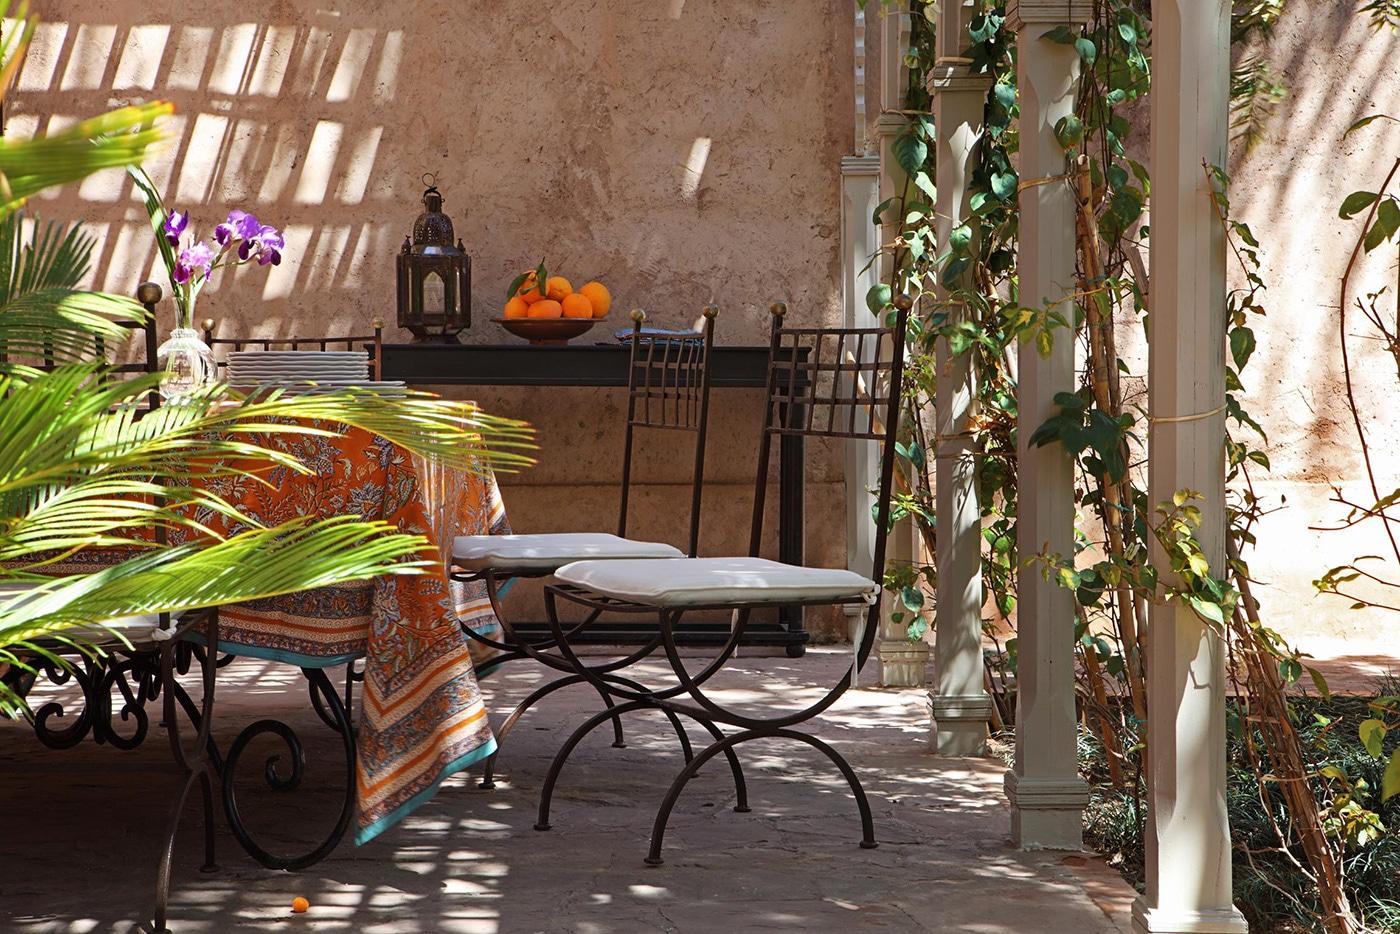 melian_randolph_Marrakech_12